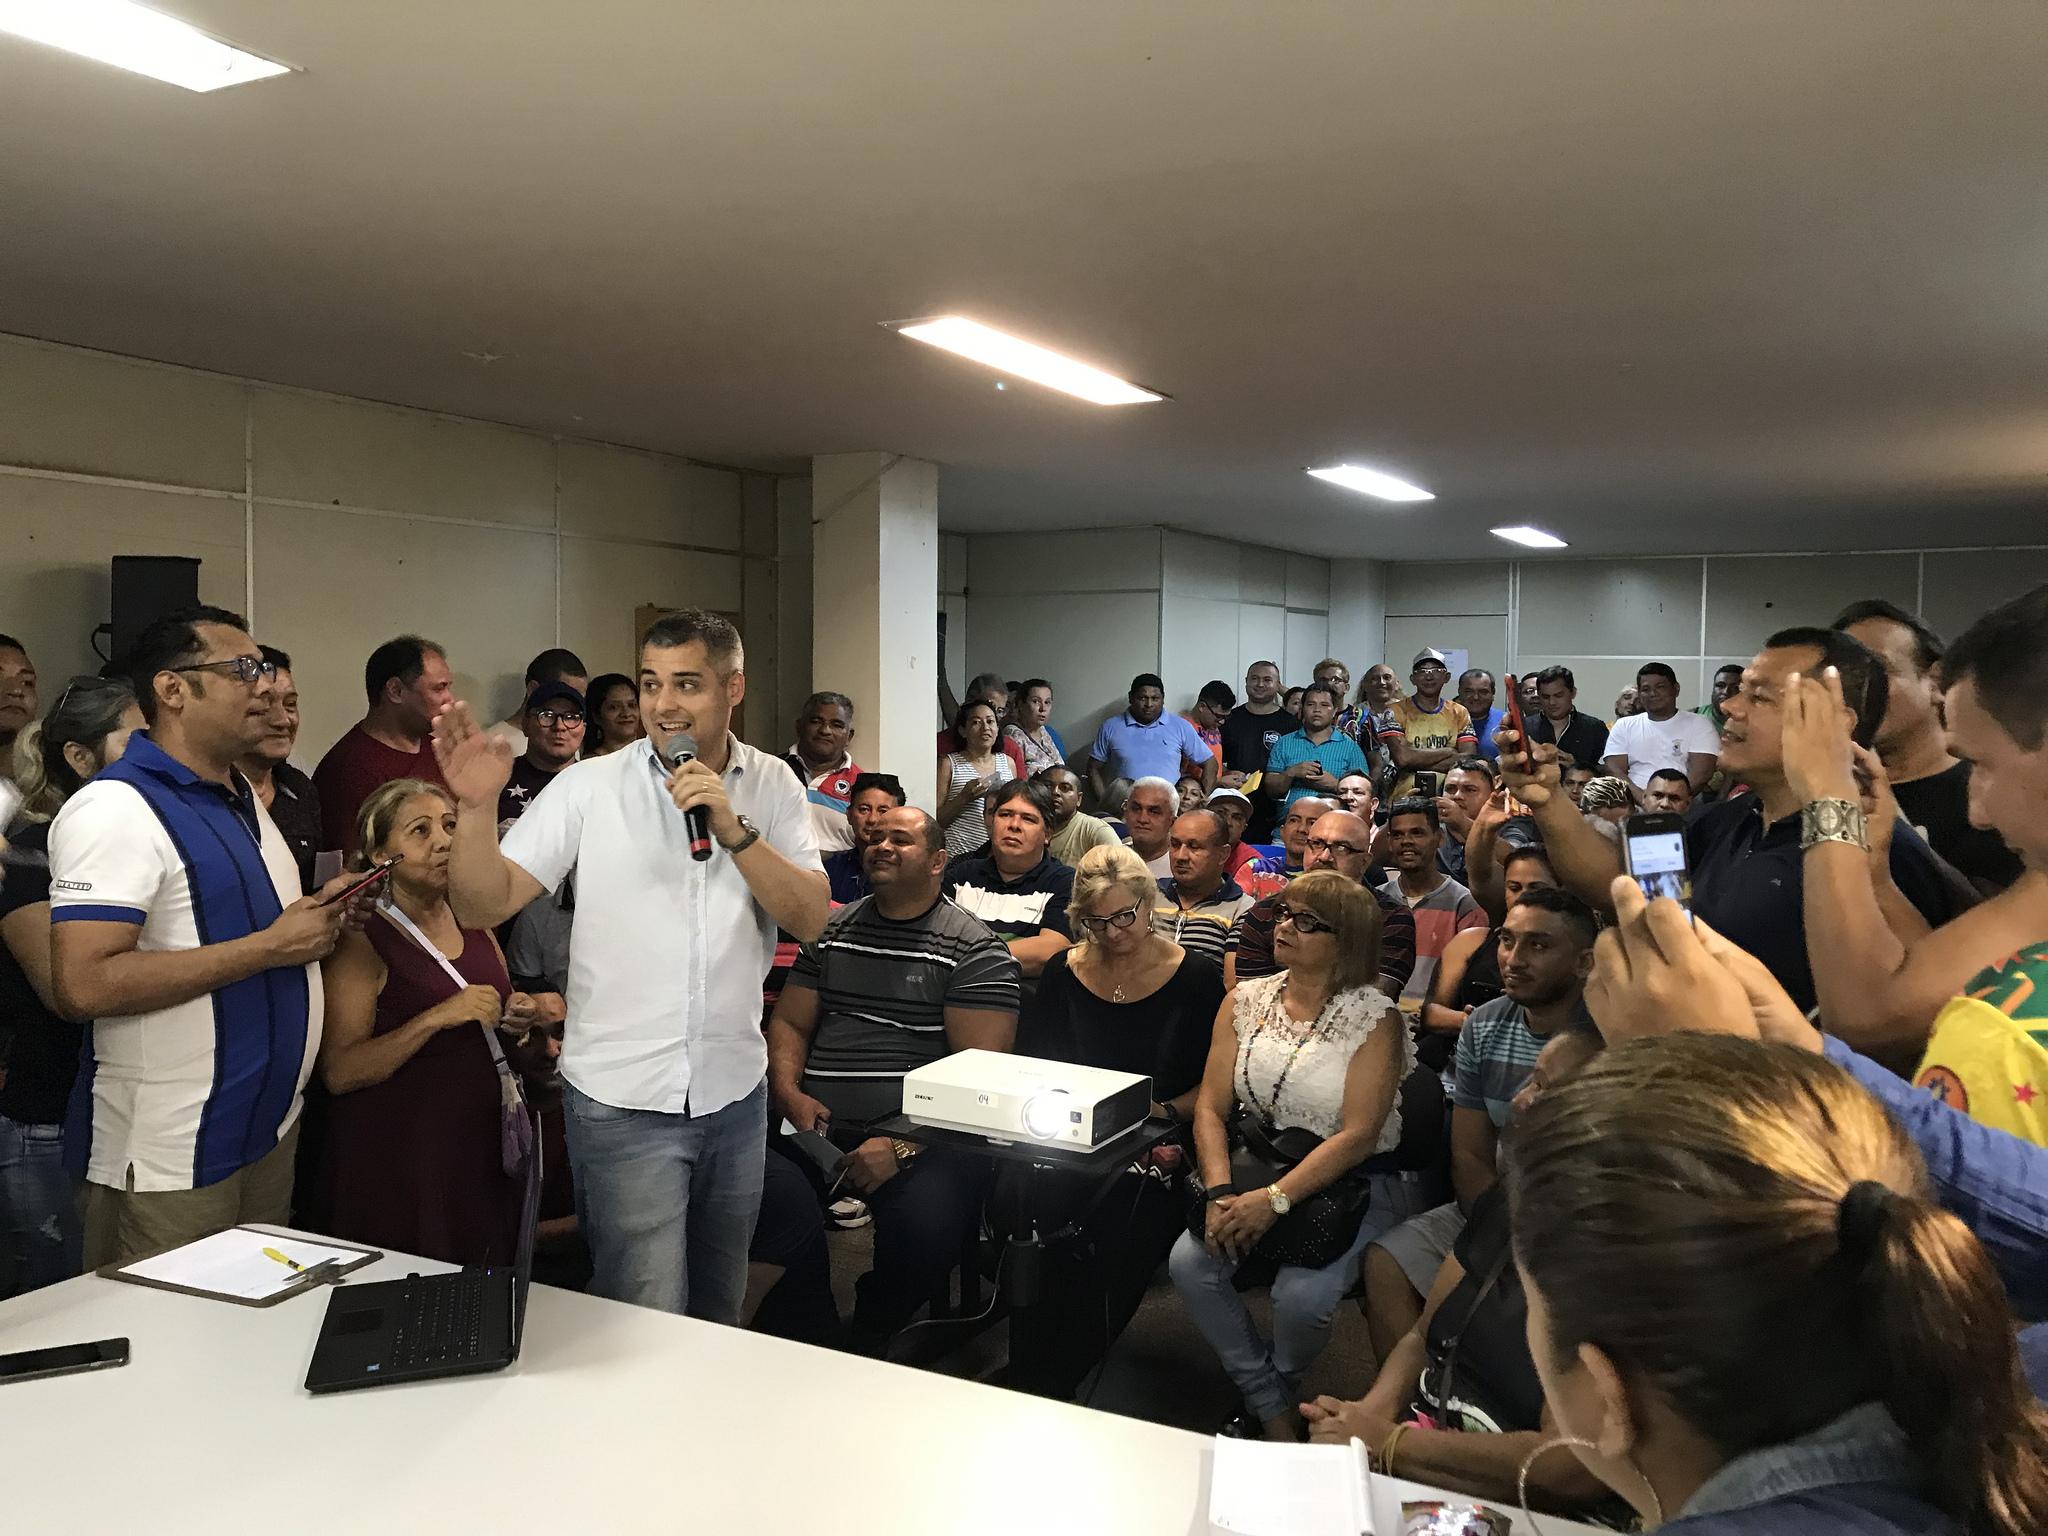 Prefeitura lança editais de apoio ao Carnaval de Manaus 2019